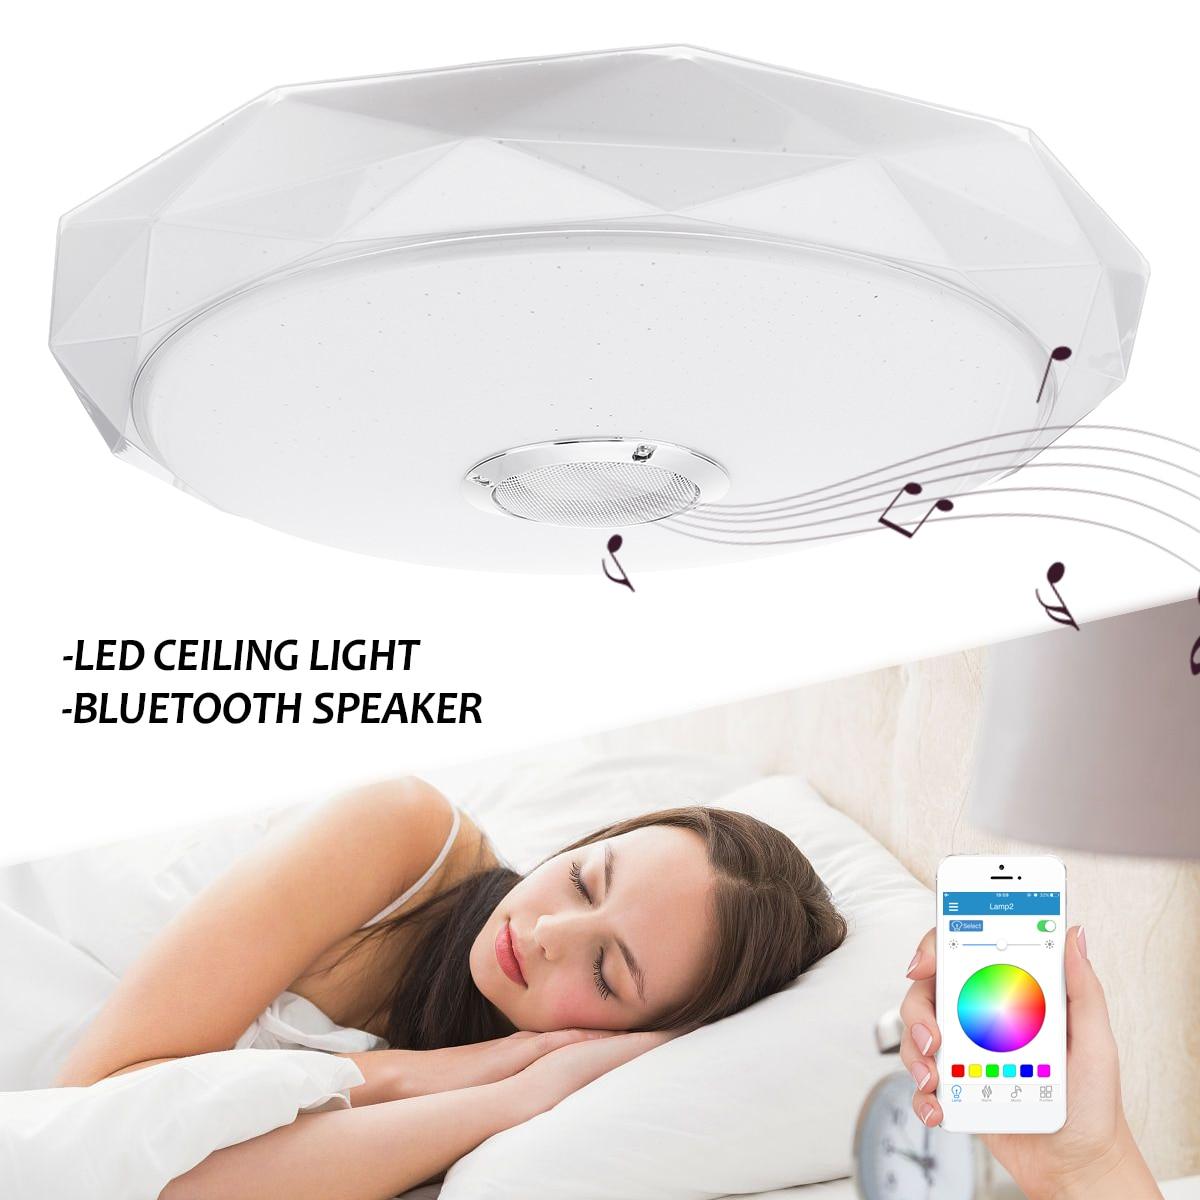 36 w 50 cm Moderne RGB Dimmable APP Contrôle LED Plafonnier avec Bluetooth Haut-Parleur Musique Plafonniers Lampe Vivant chambre